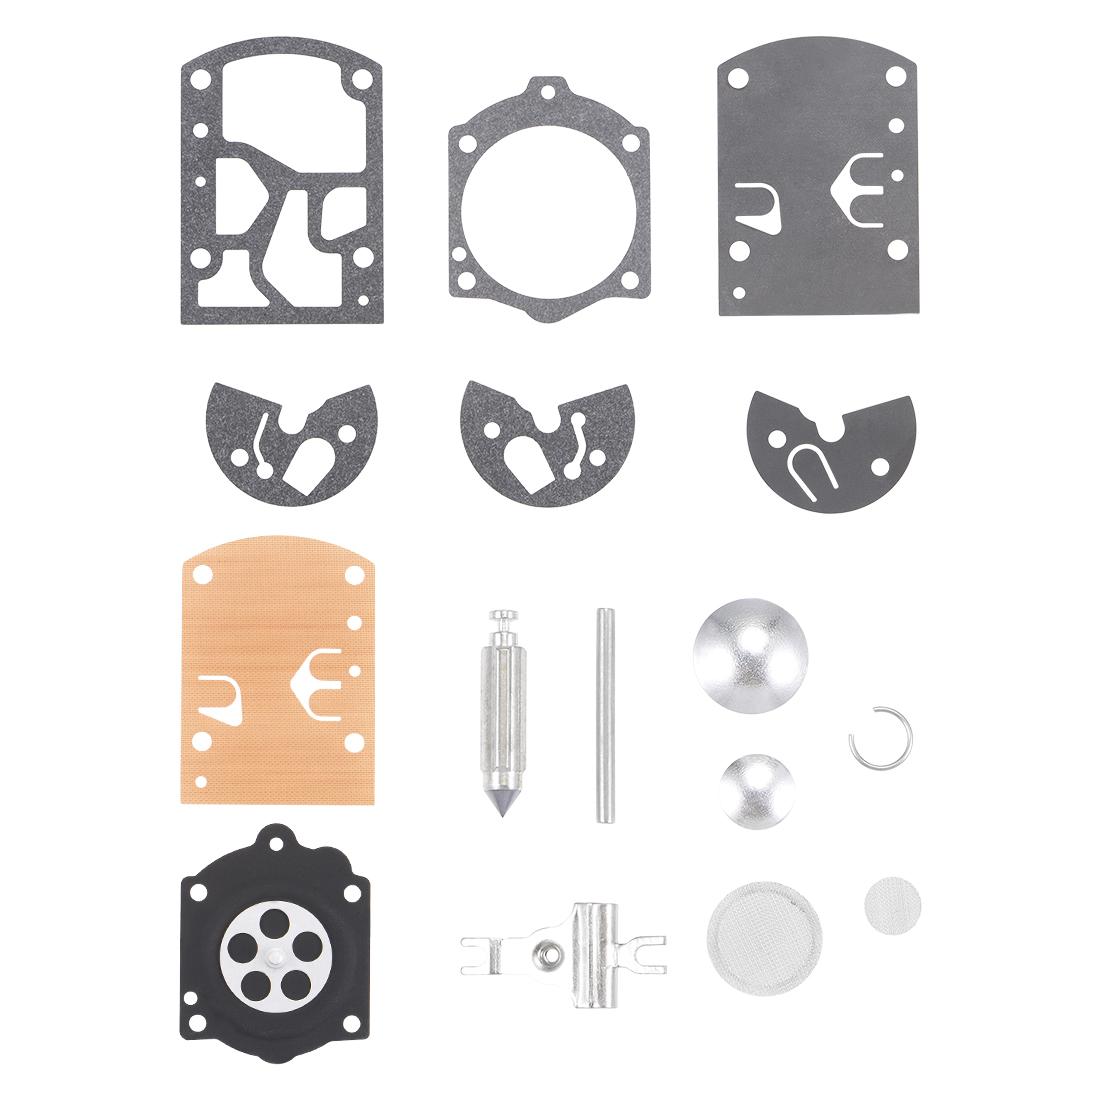 K10-WB Carburetor Rebuild Kit Gasket Diaphragm for K10-WB Engines Carb